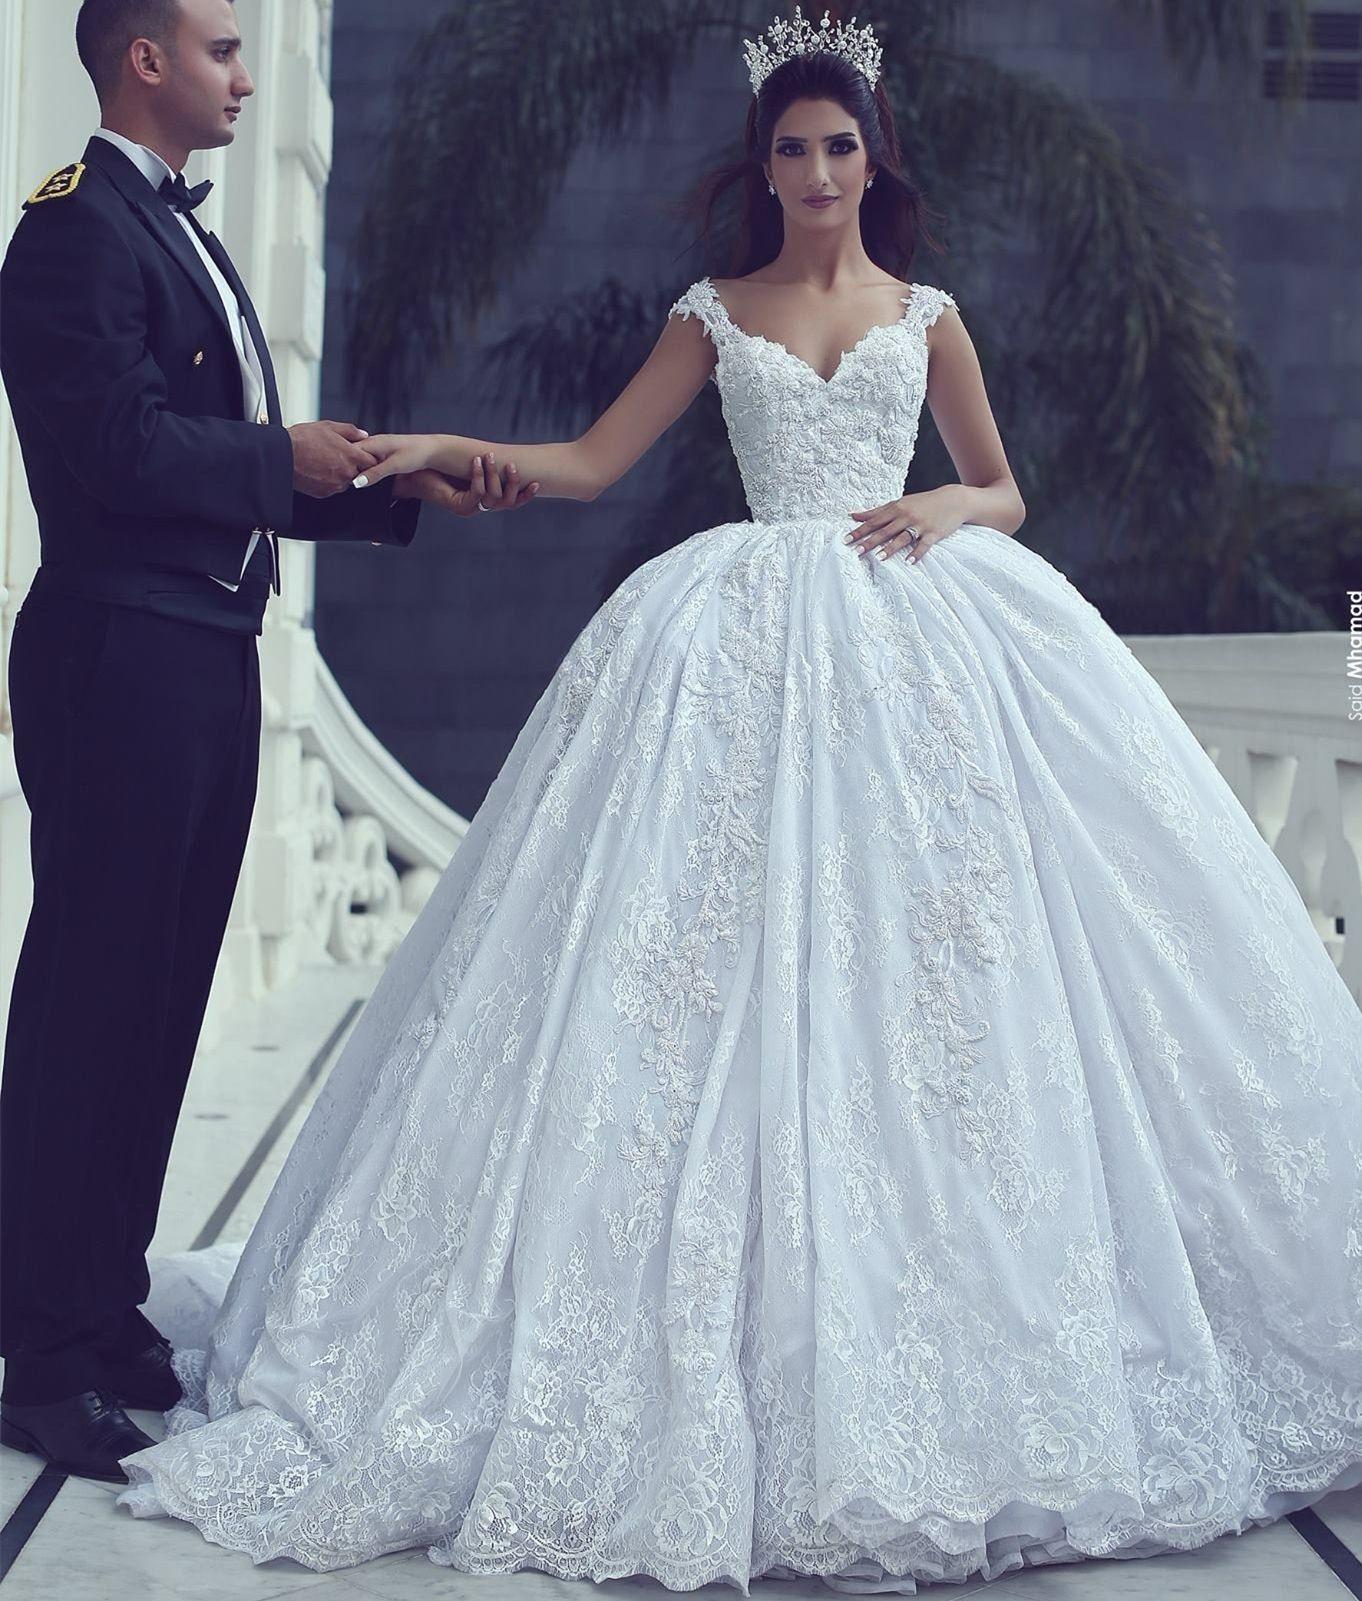 Acheter Robes De Mariée Princesse Robe De Mariée 2019 Dentelle Appliques  Robes De Mariée Avec Longue Robe De Chapelle Robe Formelle Pour La Mariée